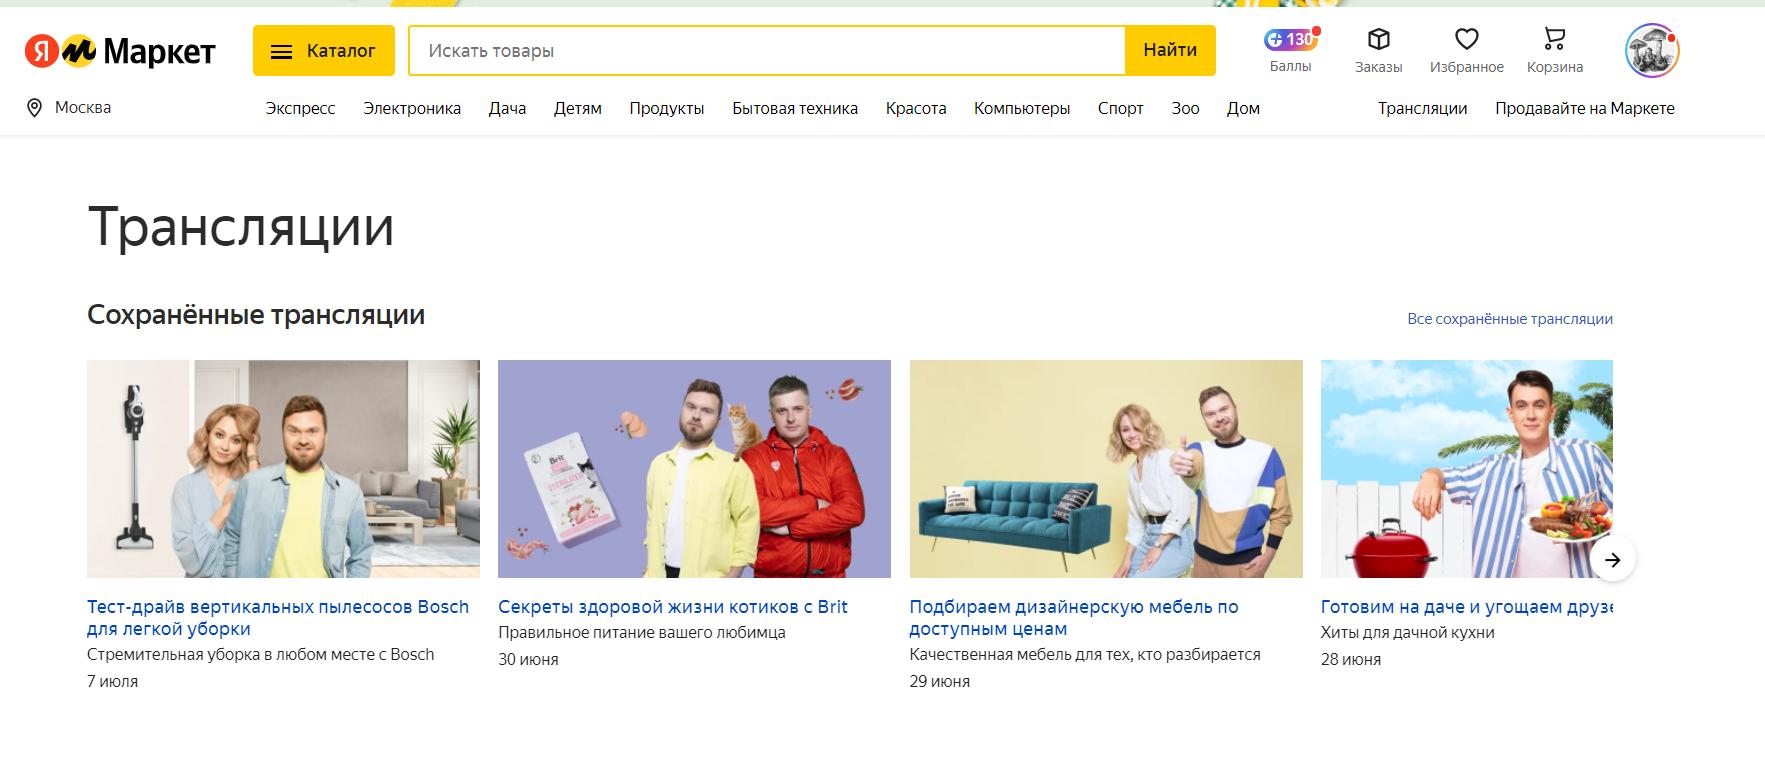 Live-трансляции (стримы) на Яндекс.Маркете— смотрите, обсуждайте и покупайте товары в реальном времени